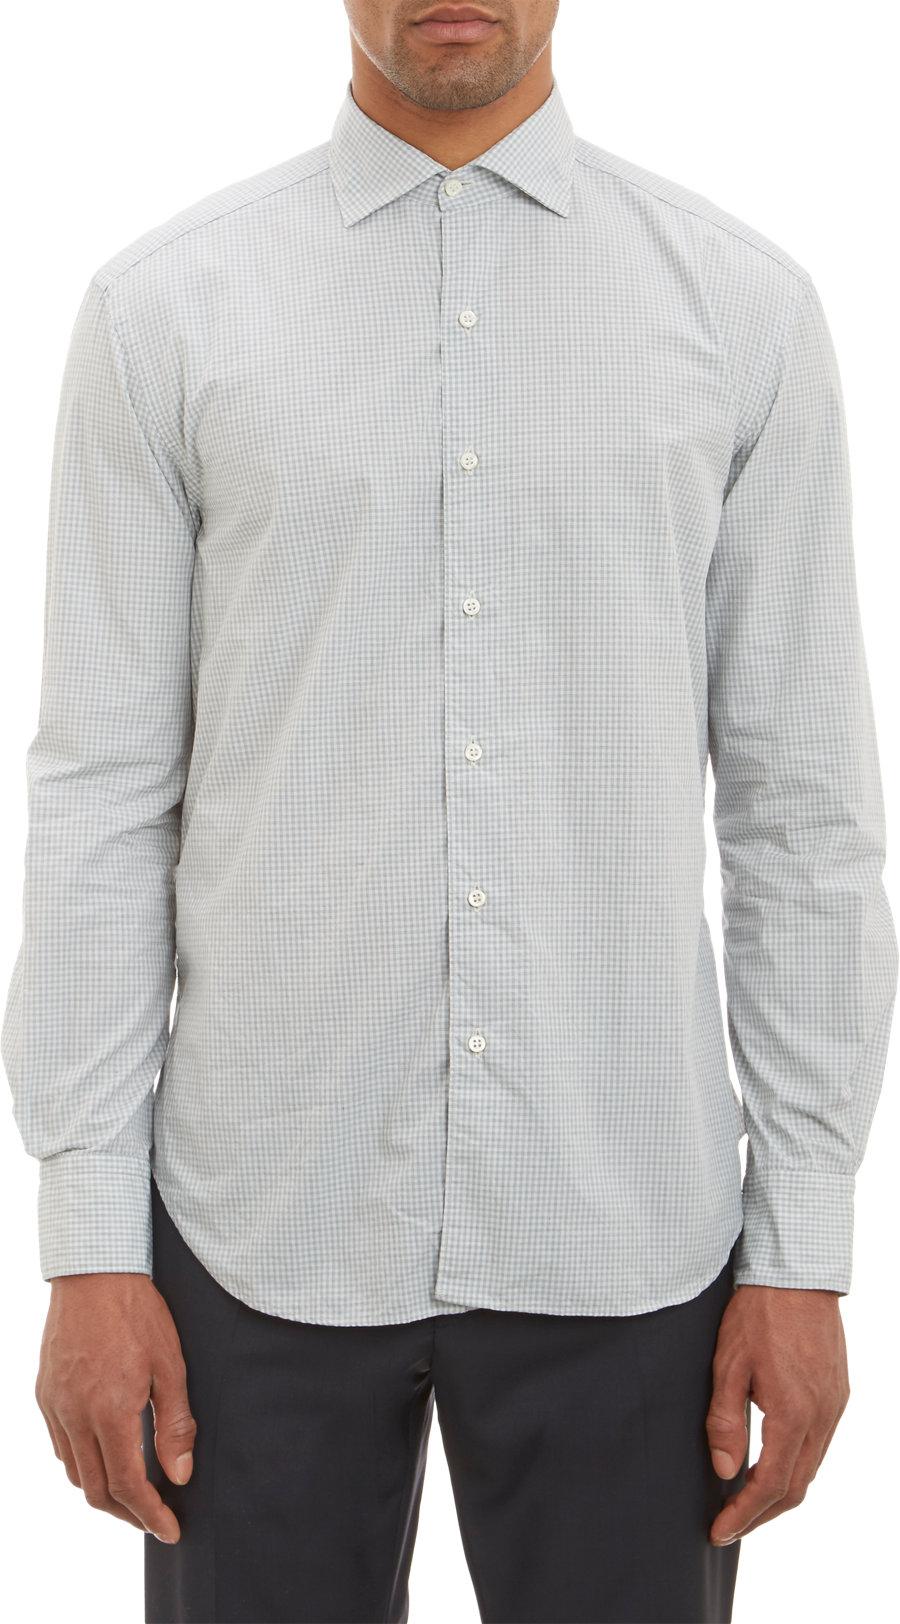 Barneys New York Gingham Pattern Shirt In Green For Men